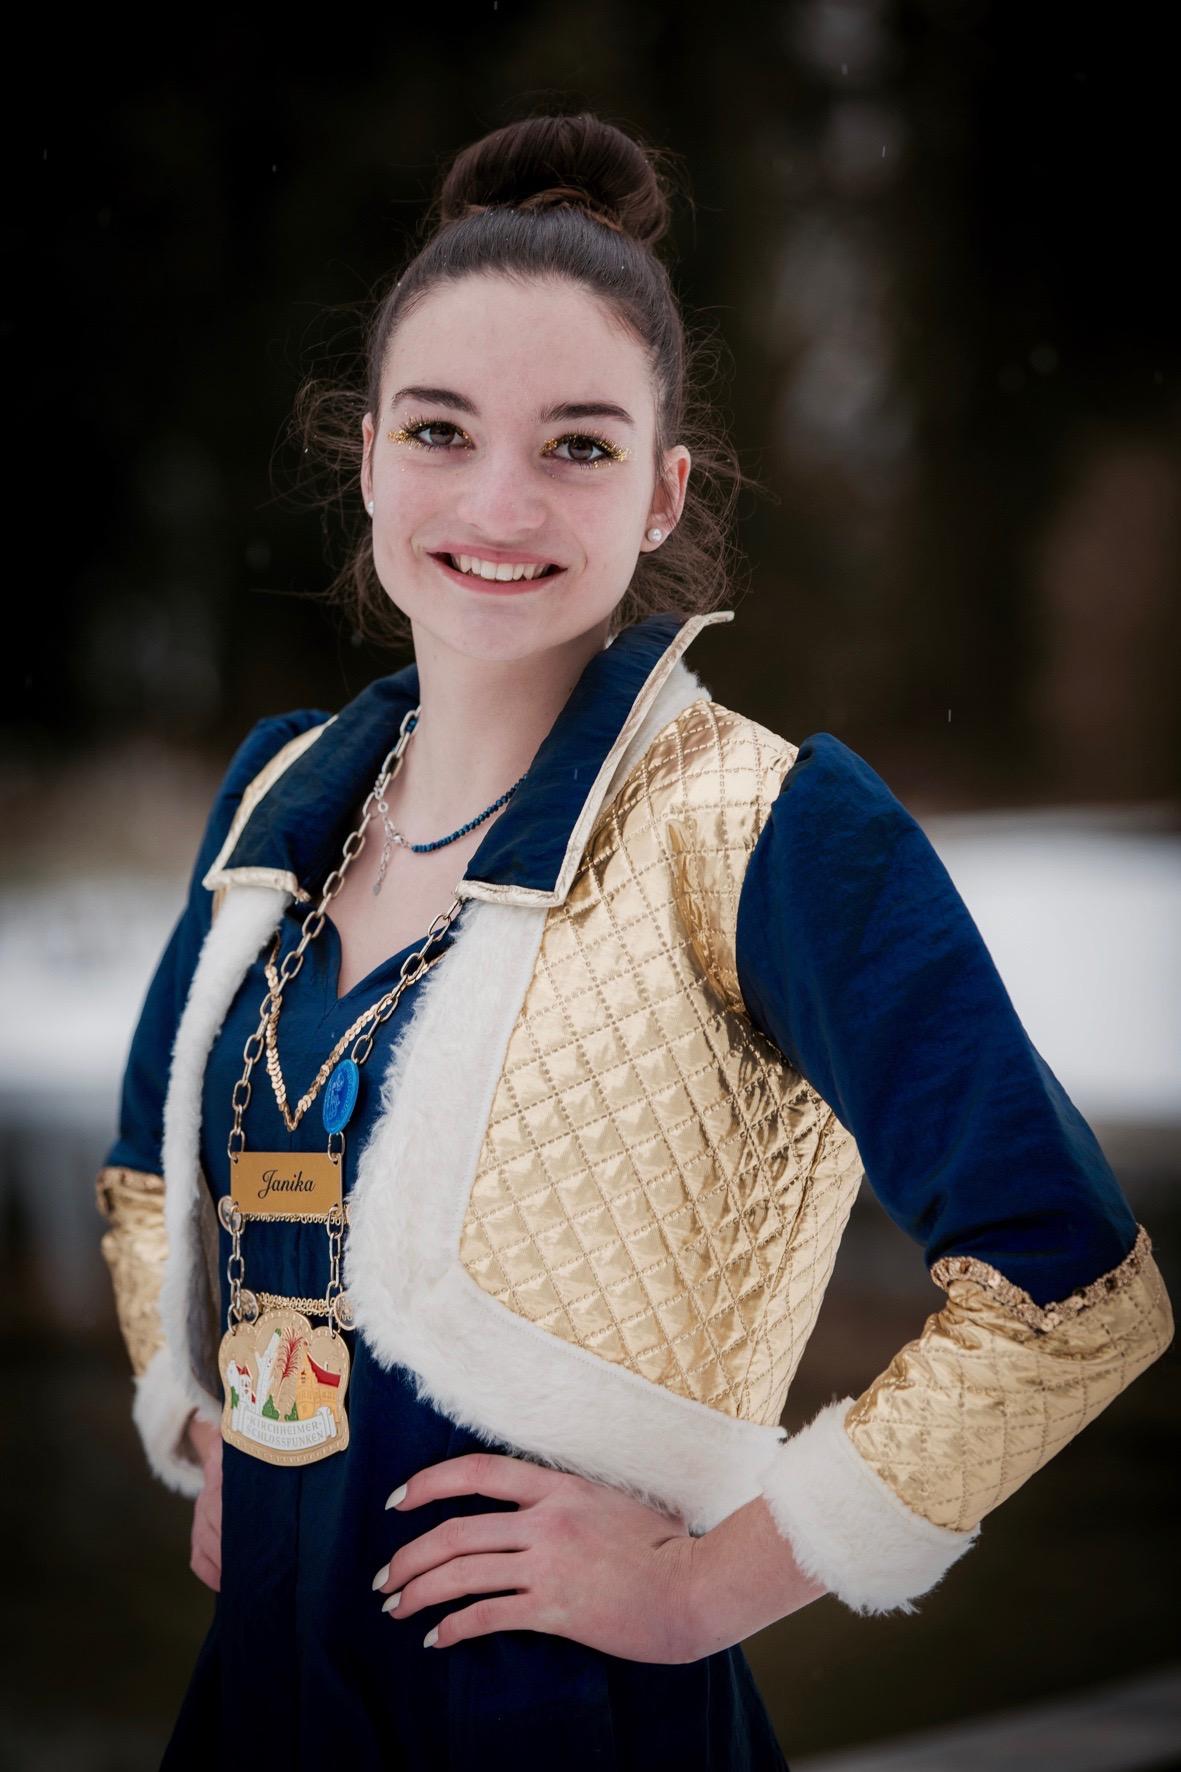 Jannika Vogel